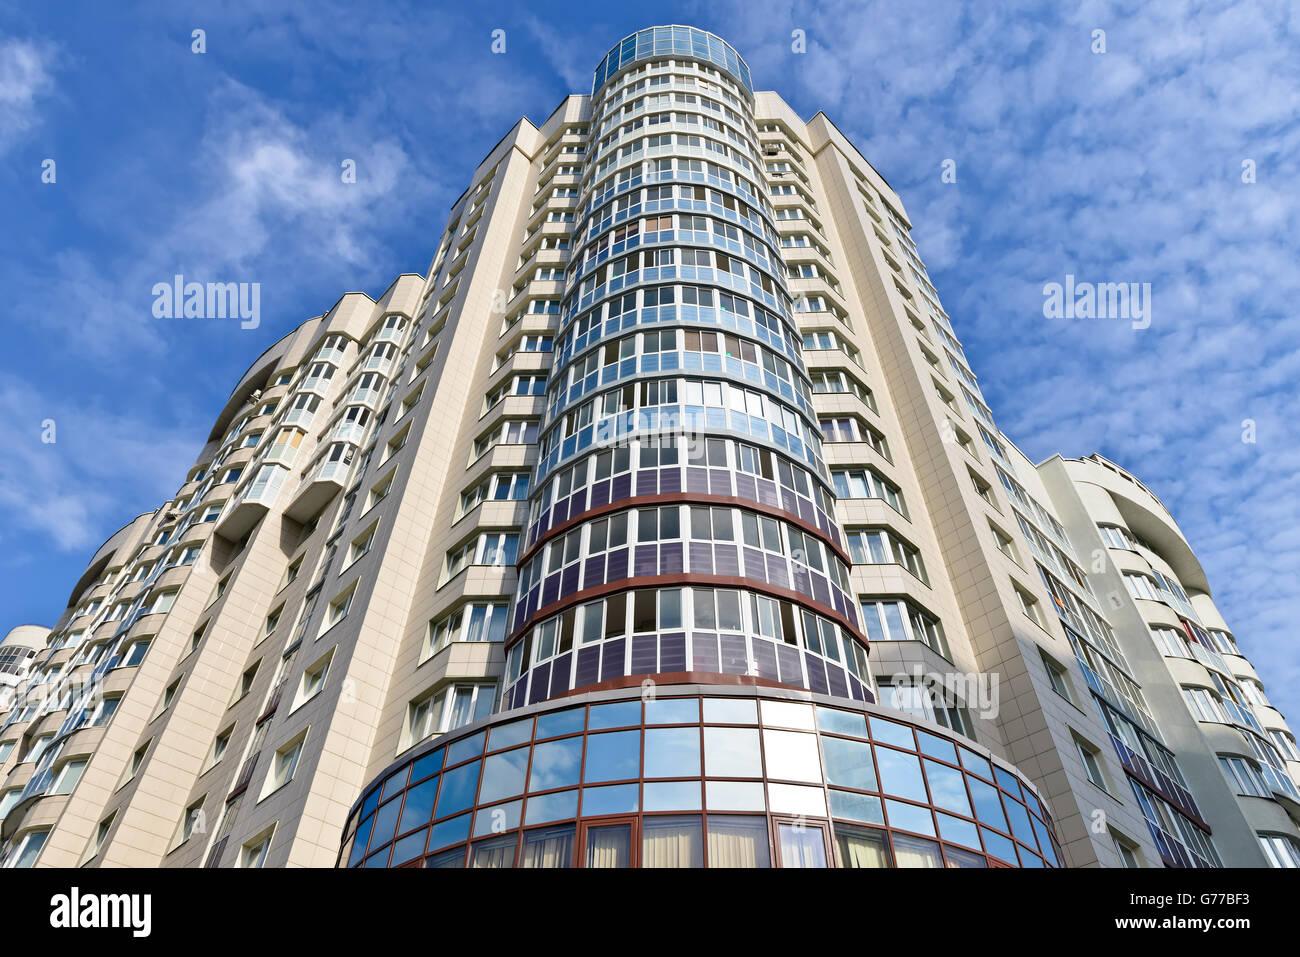 Eigentumswohnung oder Mehrfamilienhaus mit moderner Architektur in der Innenstadt Stockfoto